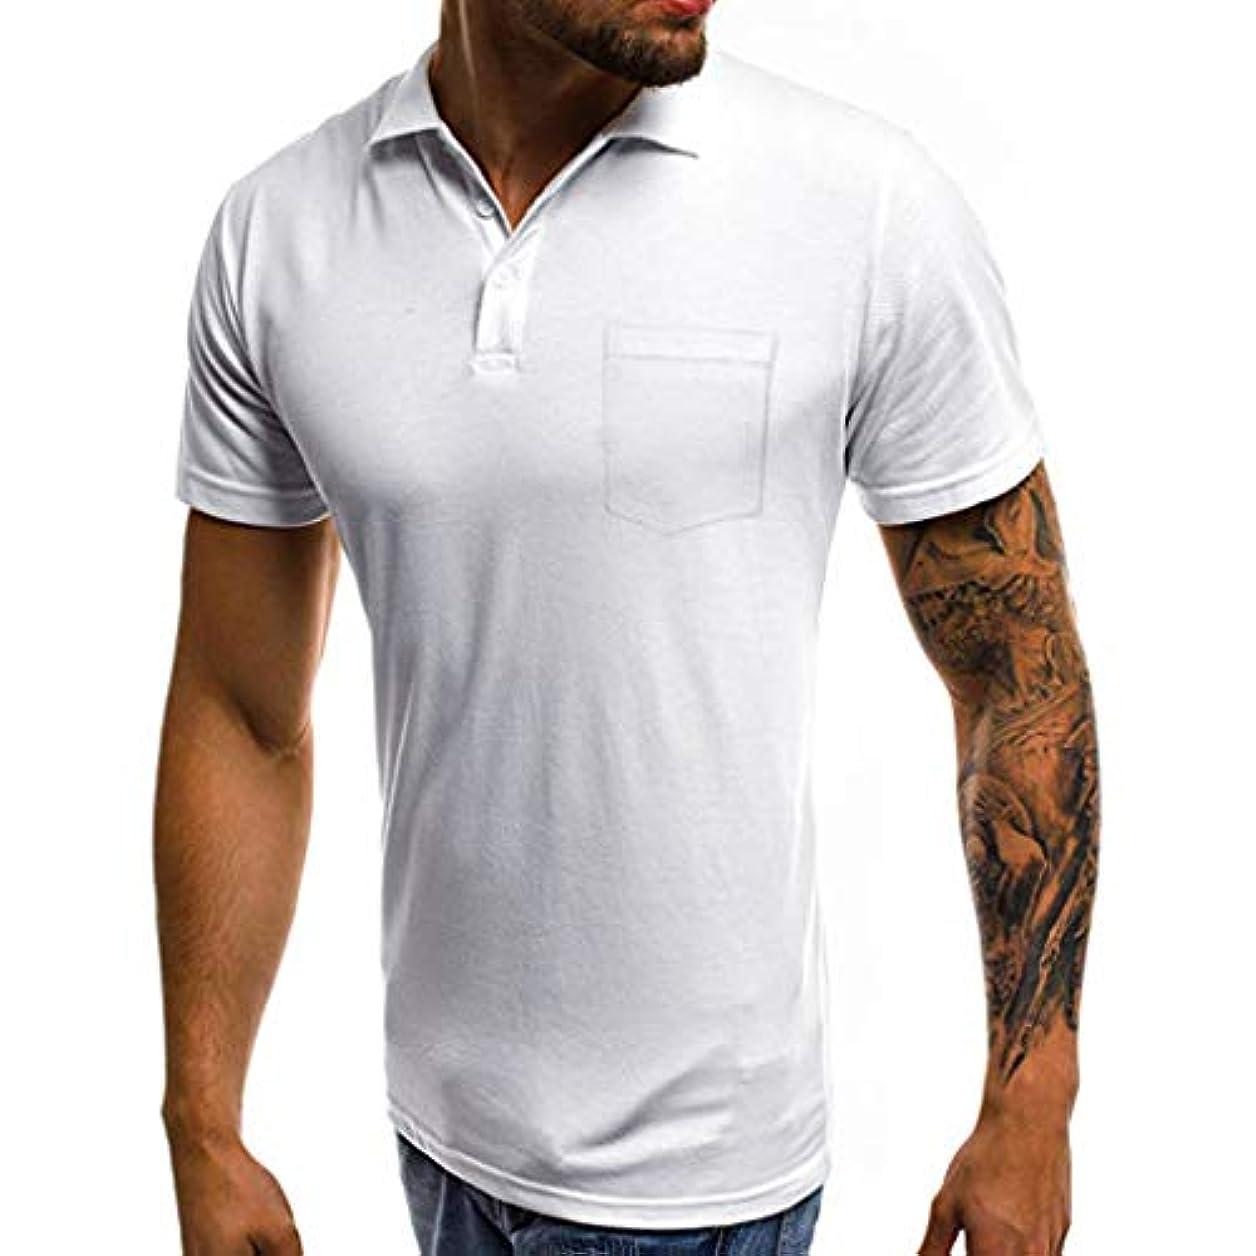 絶滅受取人広告するGINNTOKI tシャツ メンズ カジュアル スリム 半袖 ポケット ボタンTシャツ トップ ブラウス ラペルポケット半袖 キャップなし ファッションメンズ (ホワイト, M)